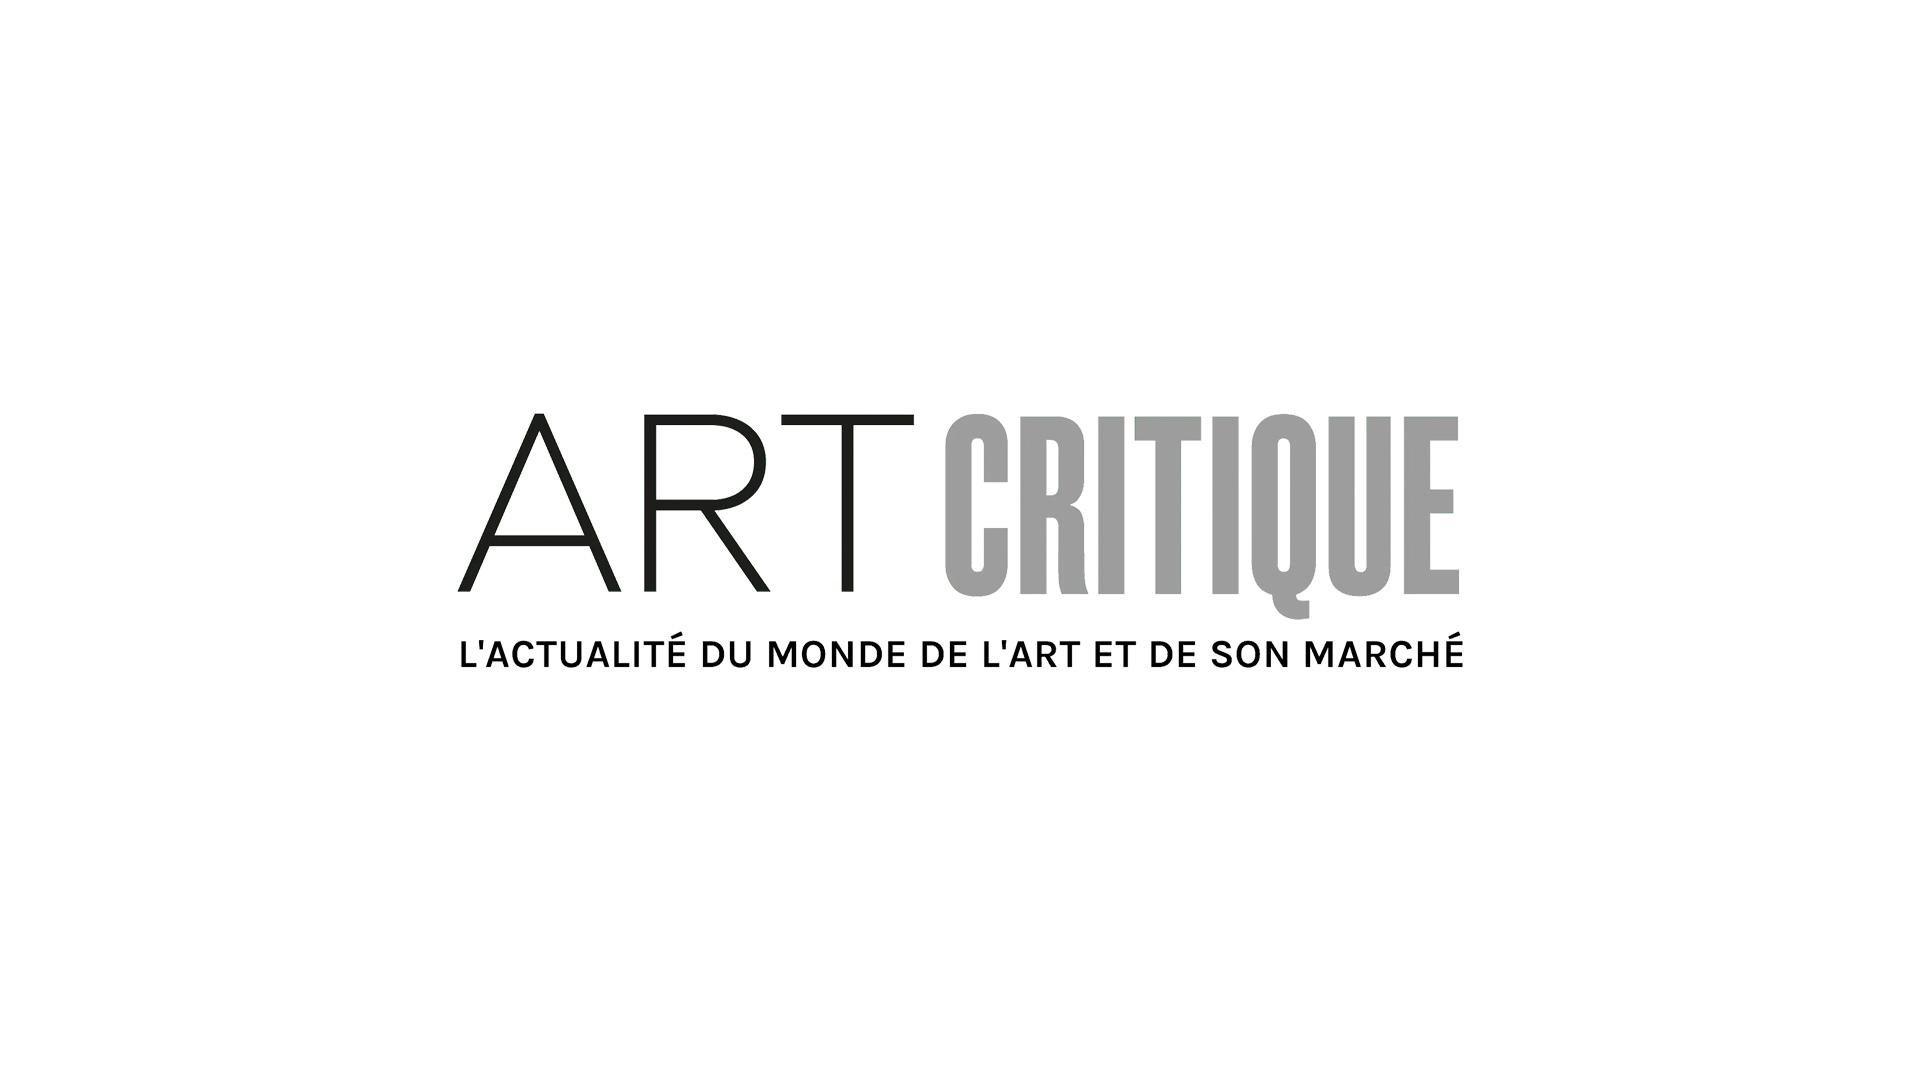 Le Grand Paris, nouveau terrain de jeu pour architectes audacieux